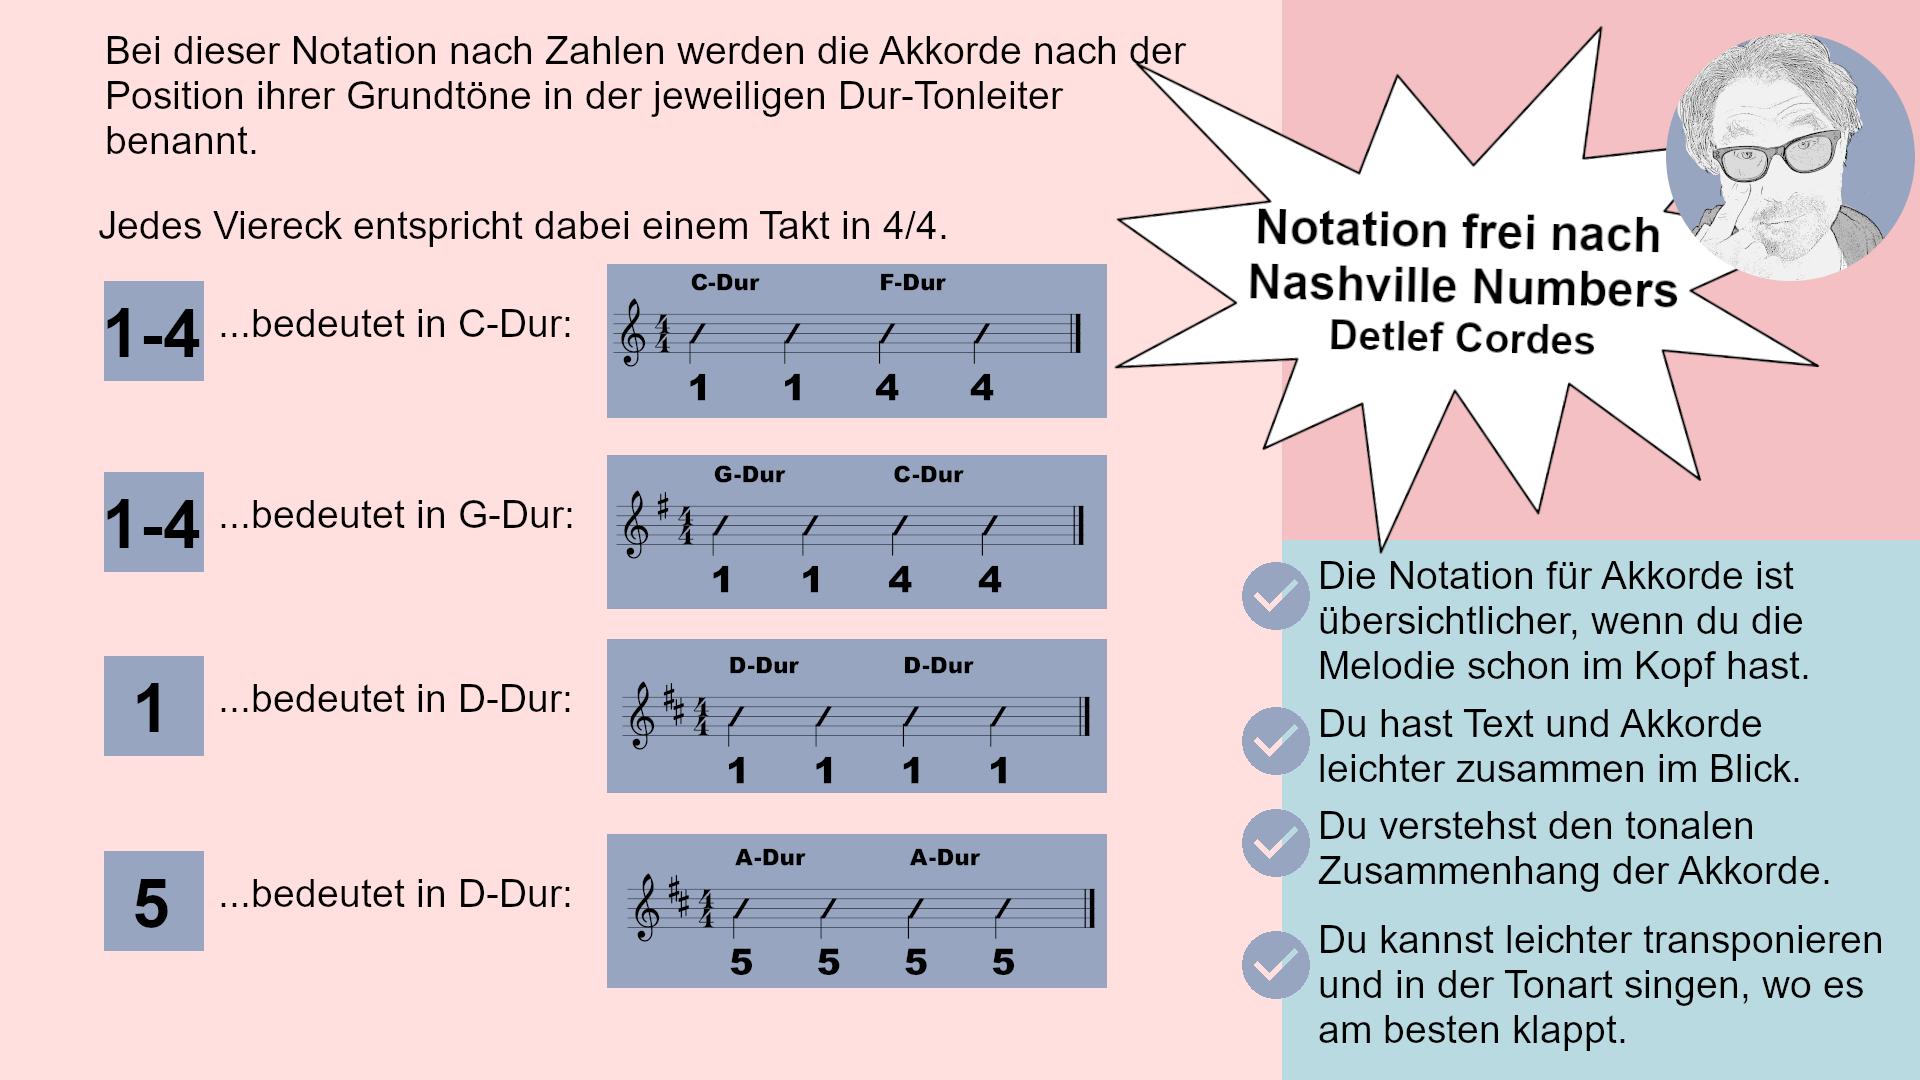 Ich erkläre mein Notationssystem für Akkorde analog der Nashville Numbers Notation